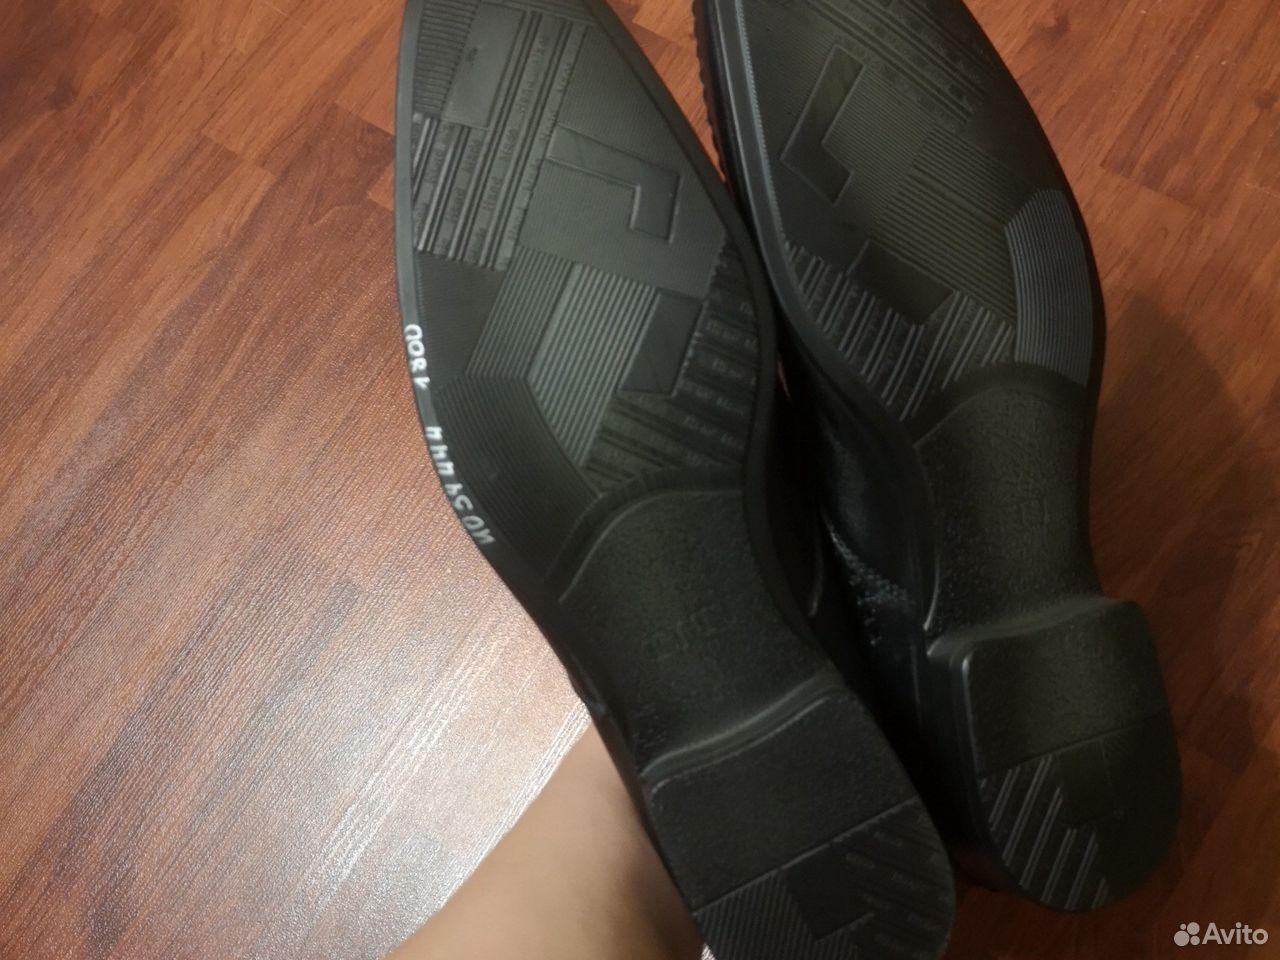 Schuhe  89622314343 kaufen 3